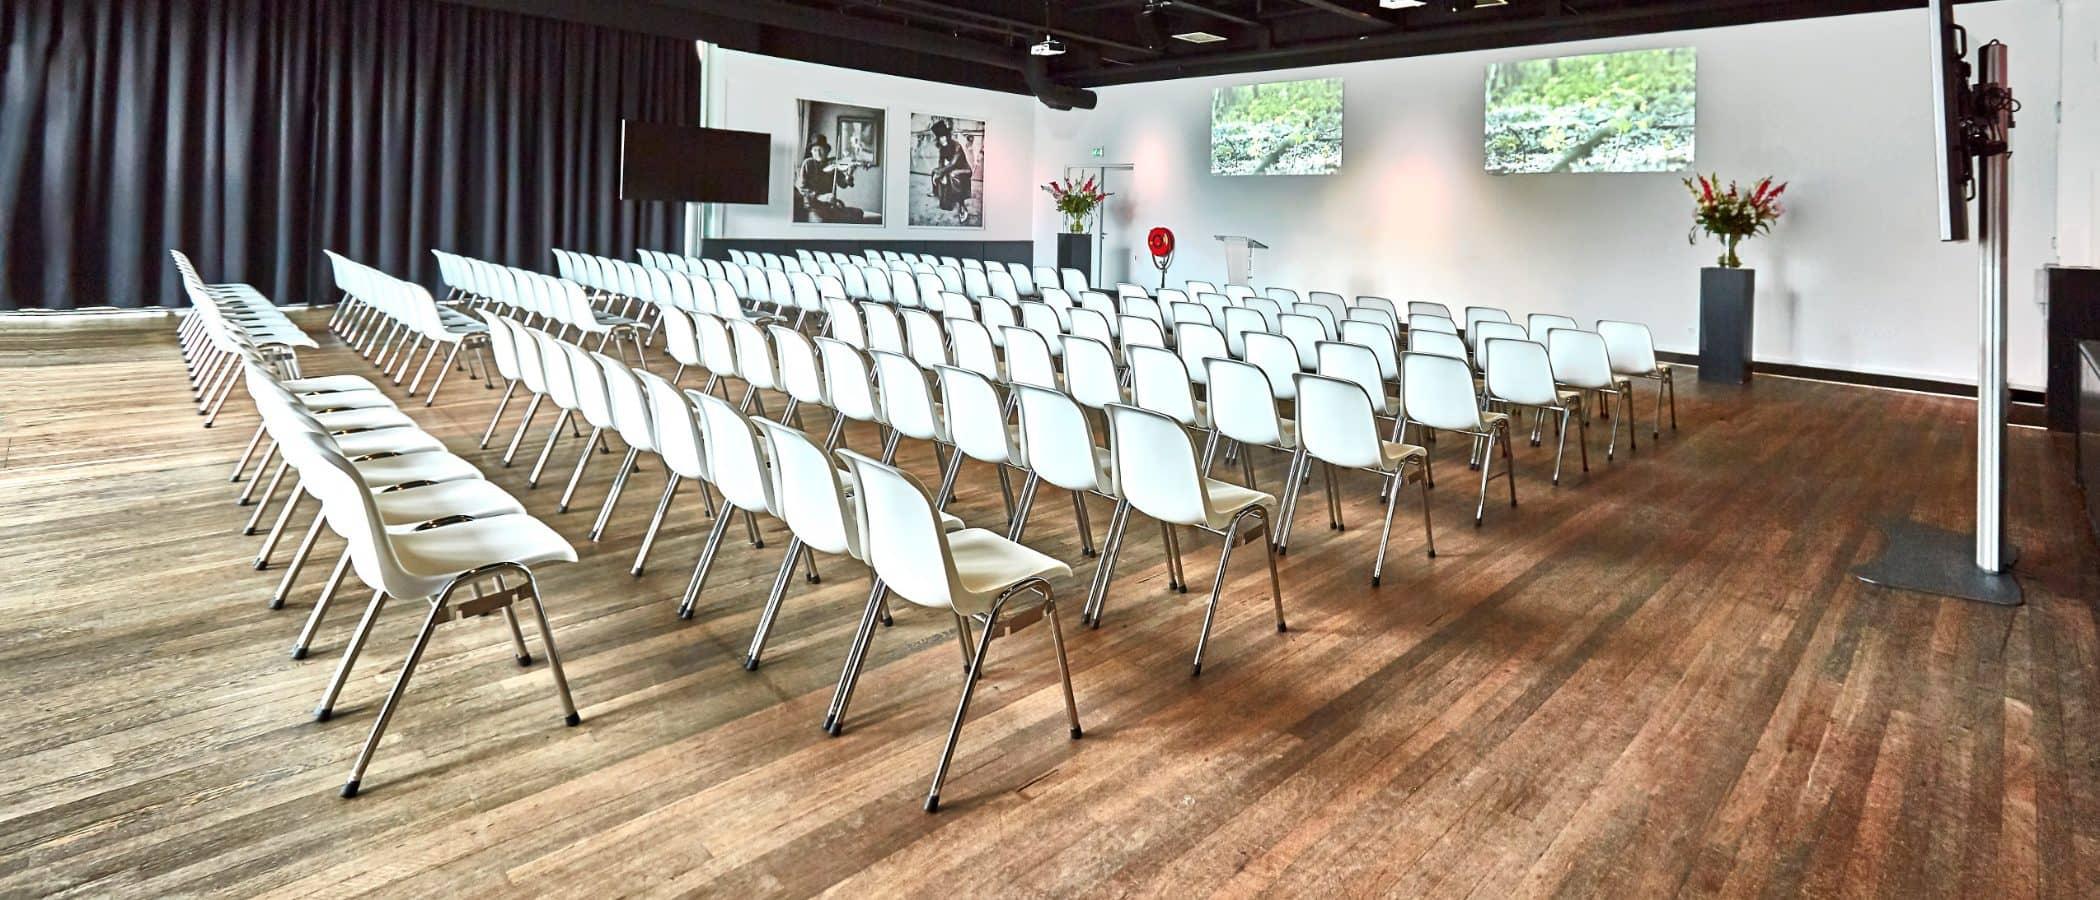 Cineac Gooiland evenementenlocatie Hilversum